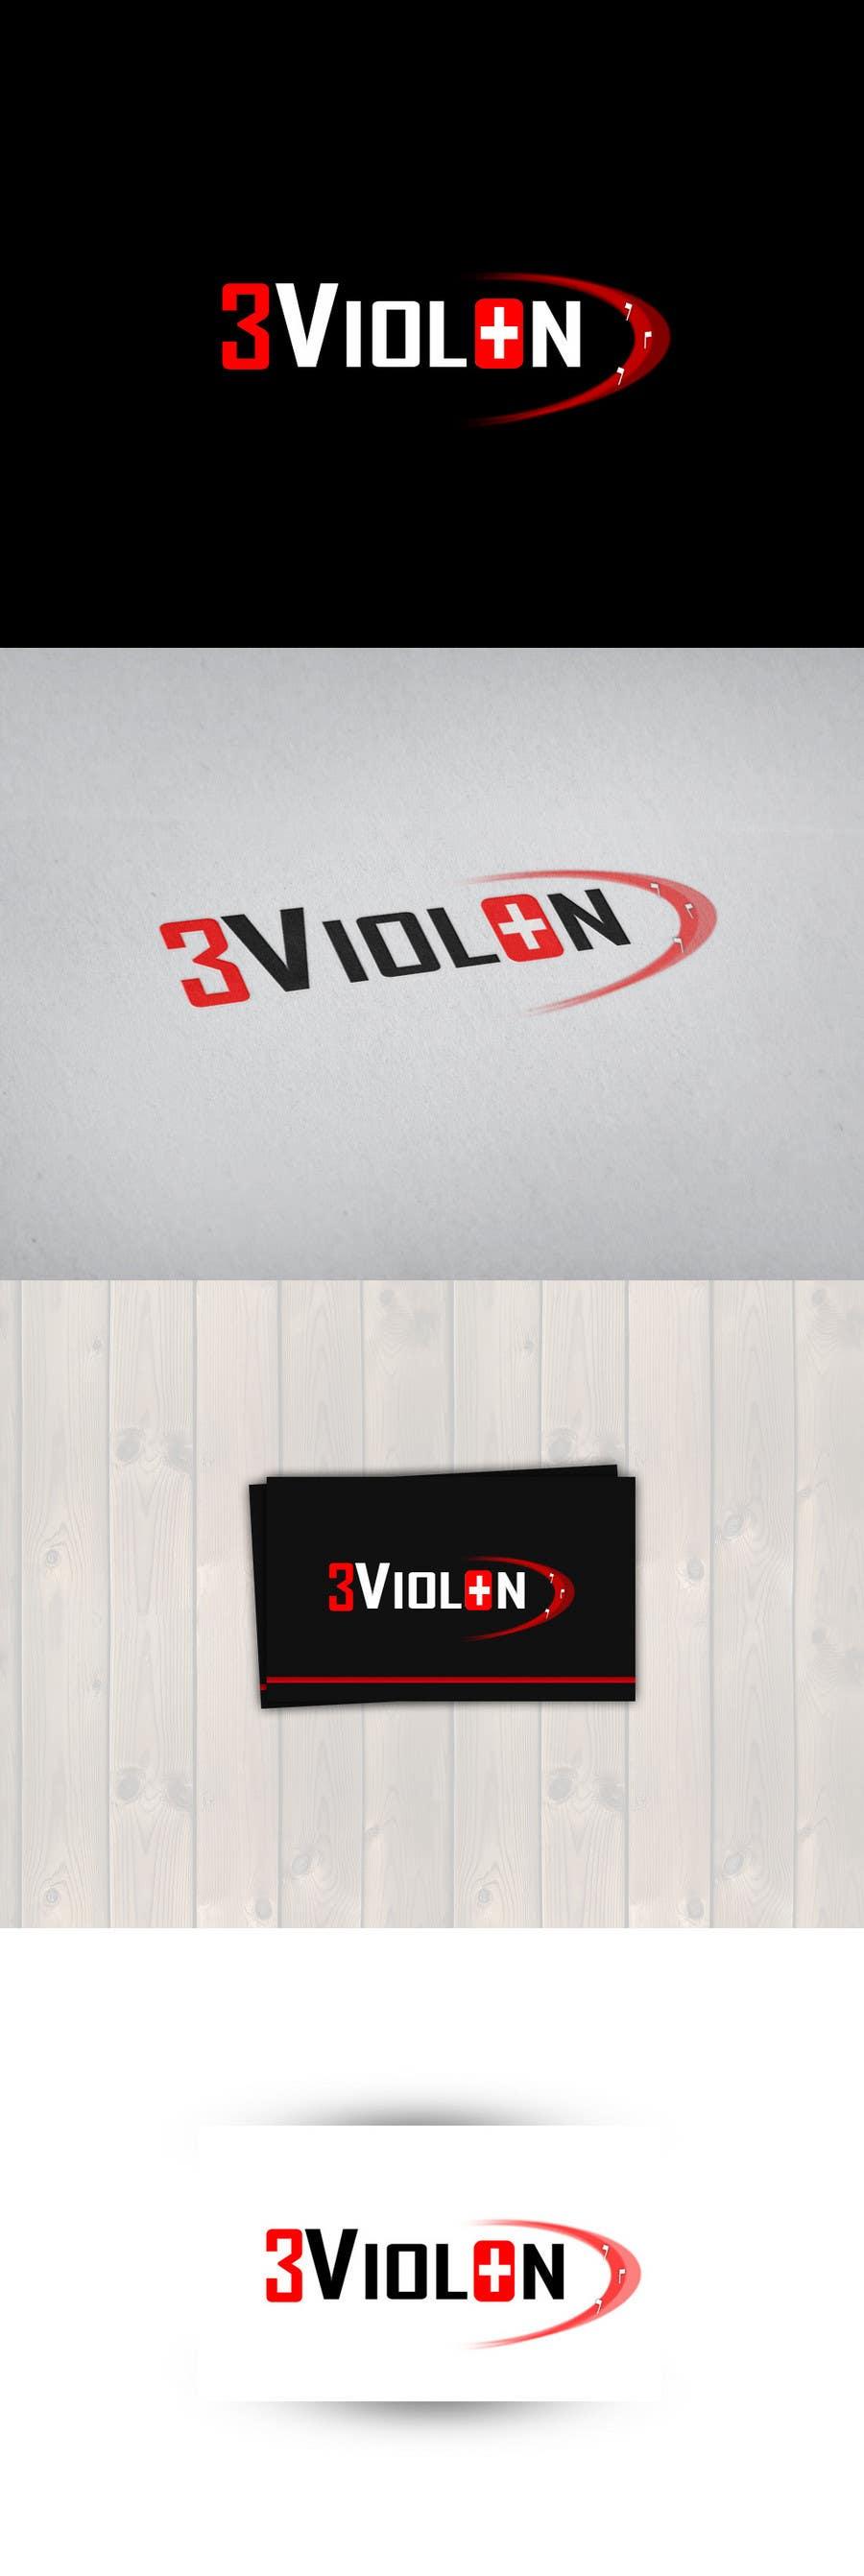 Konkurrenceindlæg #448 for Logo Design for 3Violon